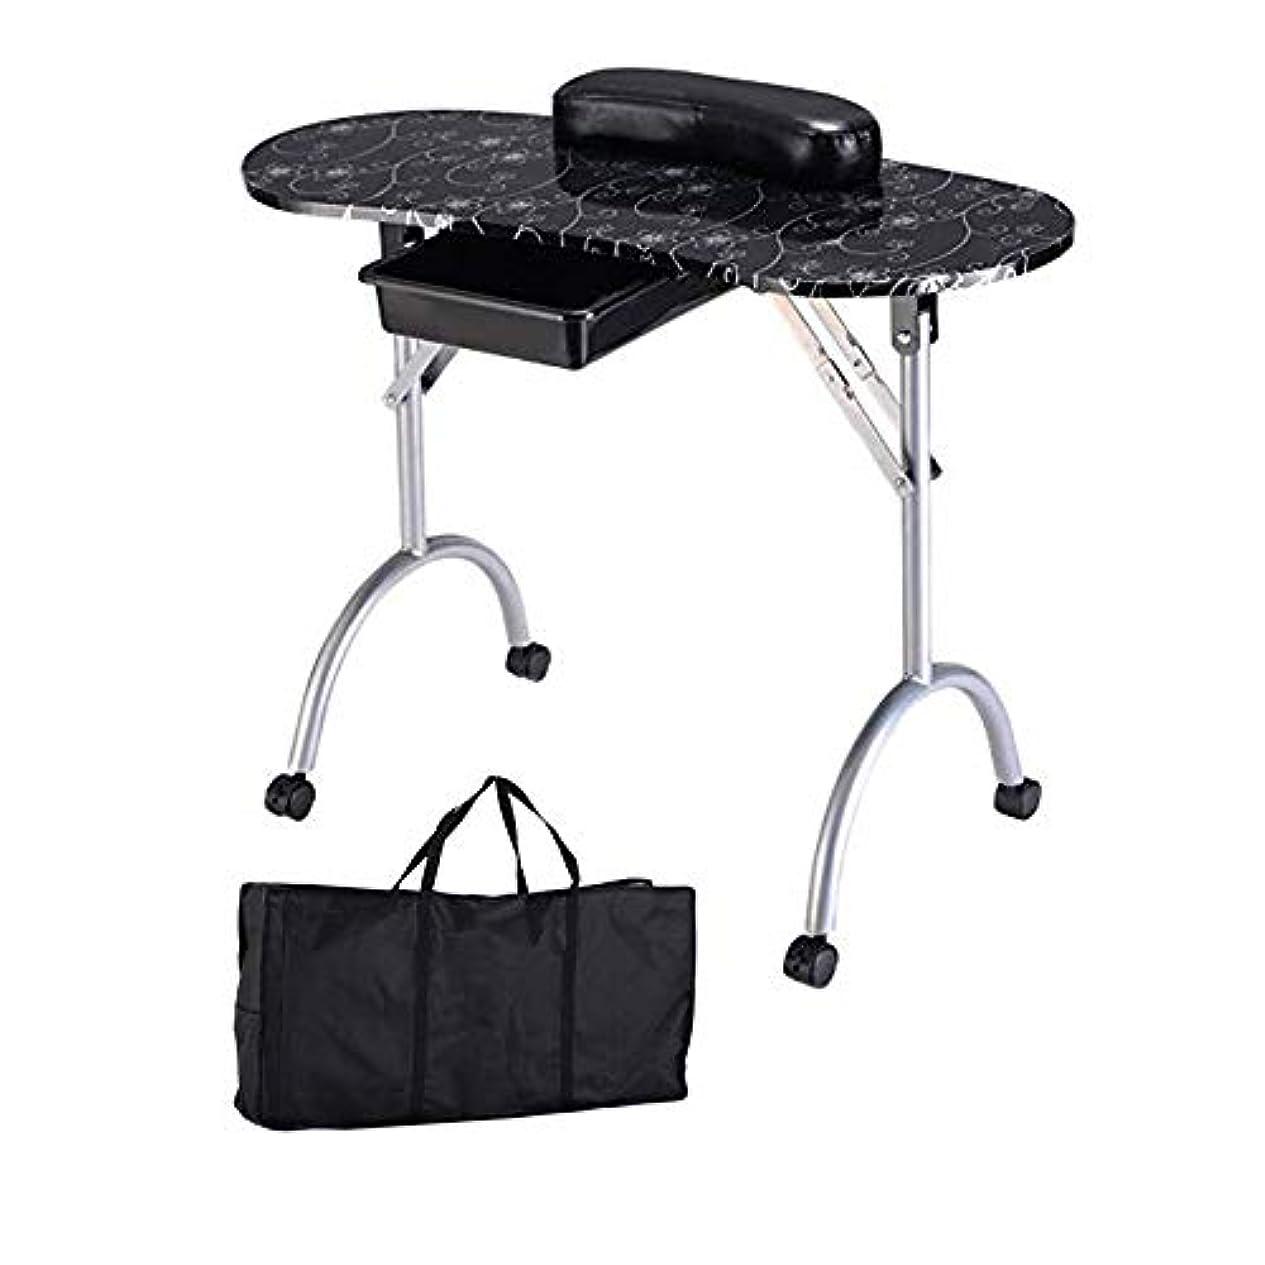 あえて高く無意識ポータブル折りたたみマニキュアテーブル、引き出し引き出し革ハンドピロープラスキャリーバッグ付きネイルテクニシャンワークステーション、ネイルアートビューティーサロンツール,黒